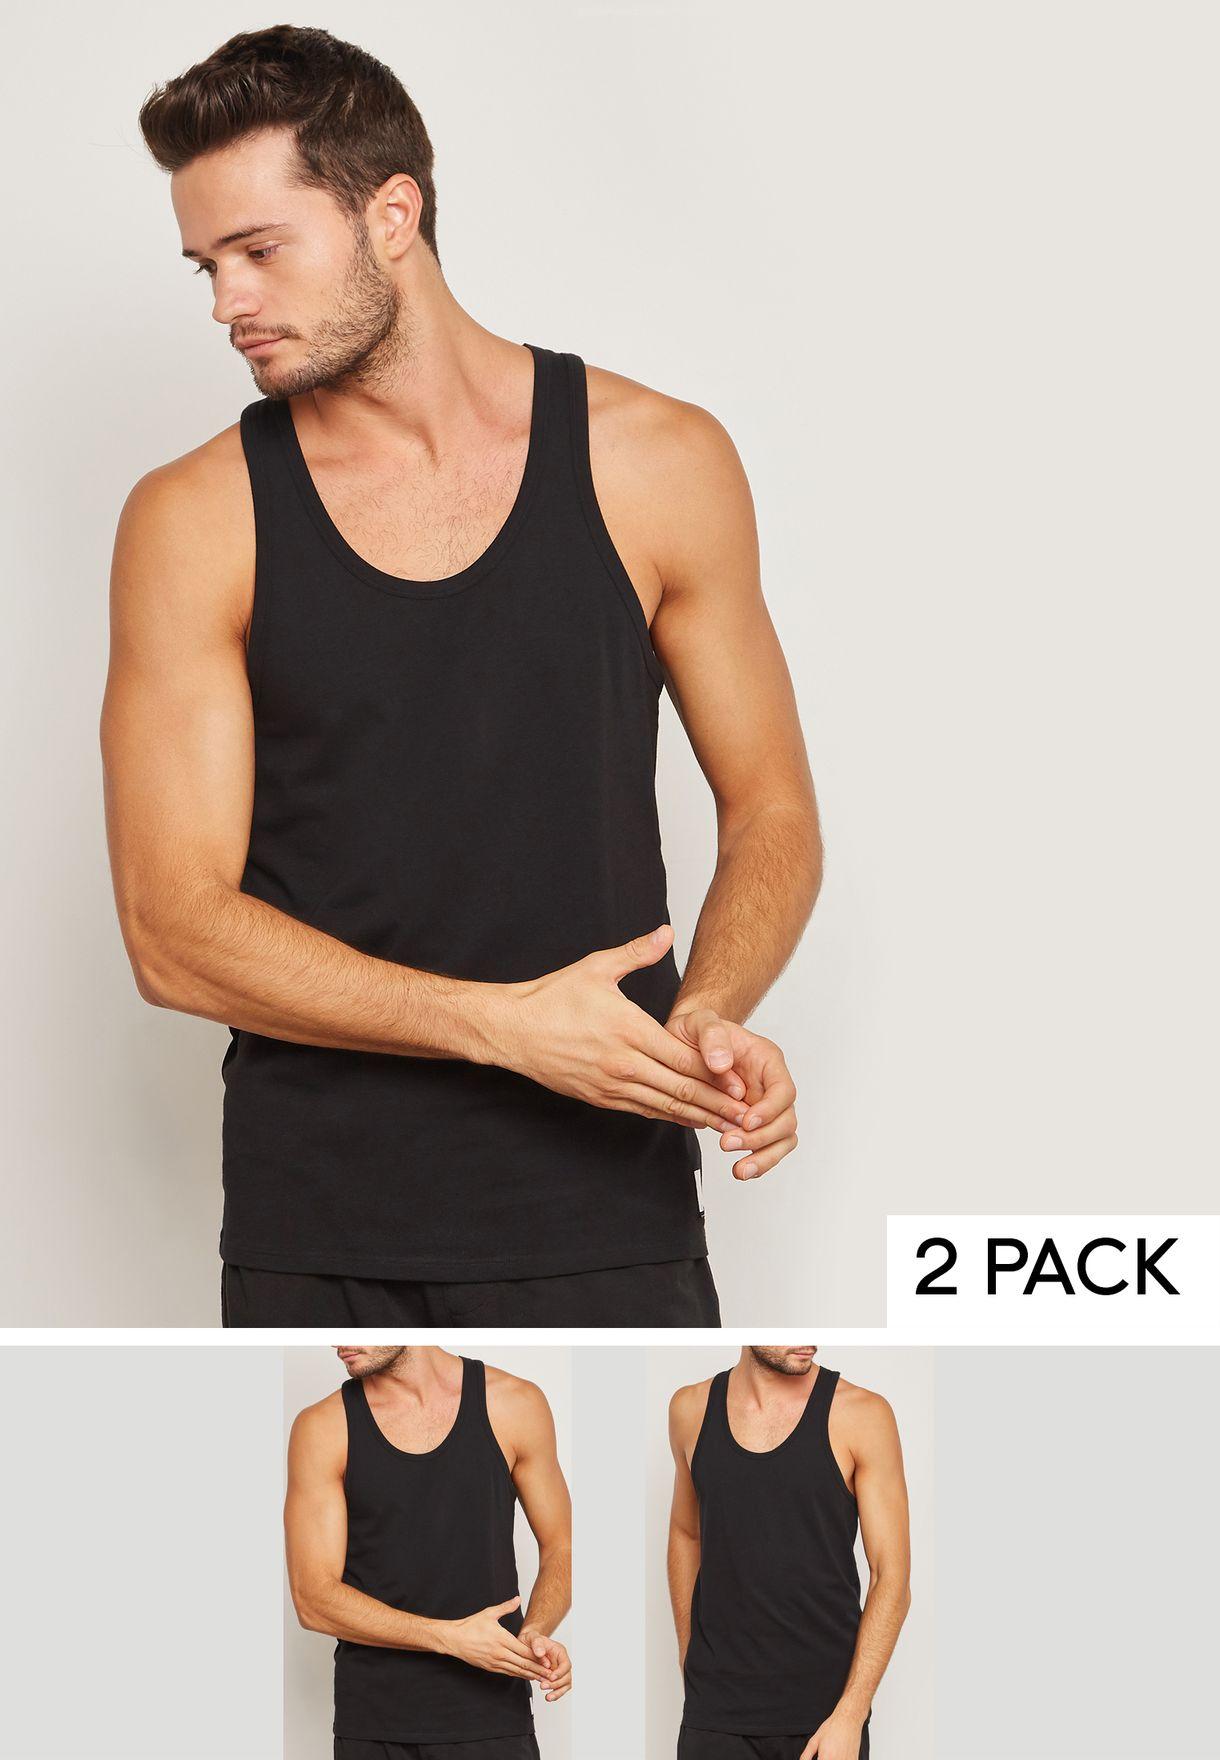 2 Pack Vests